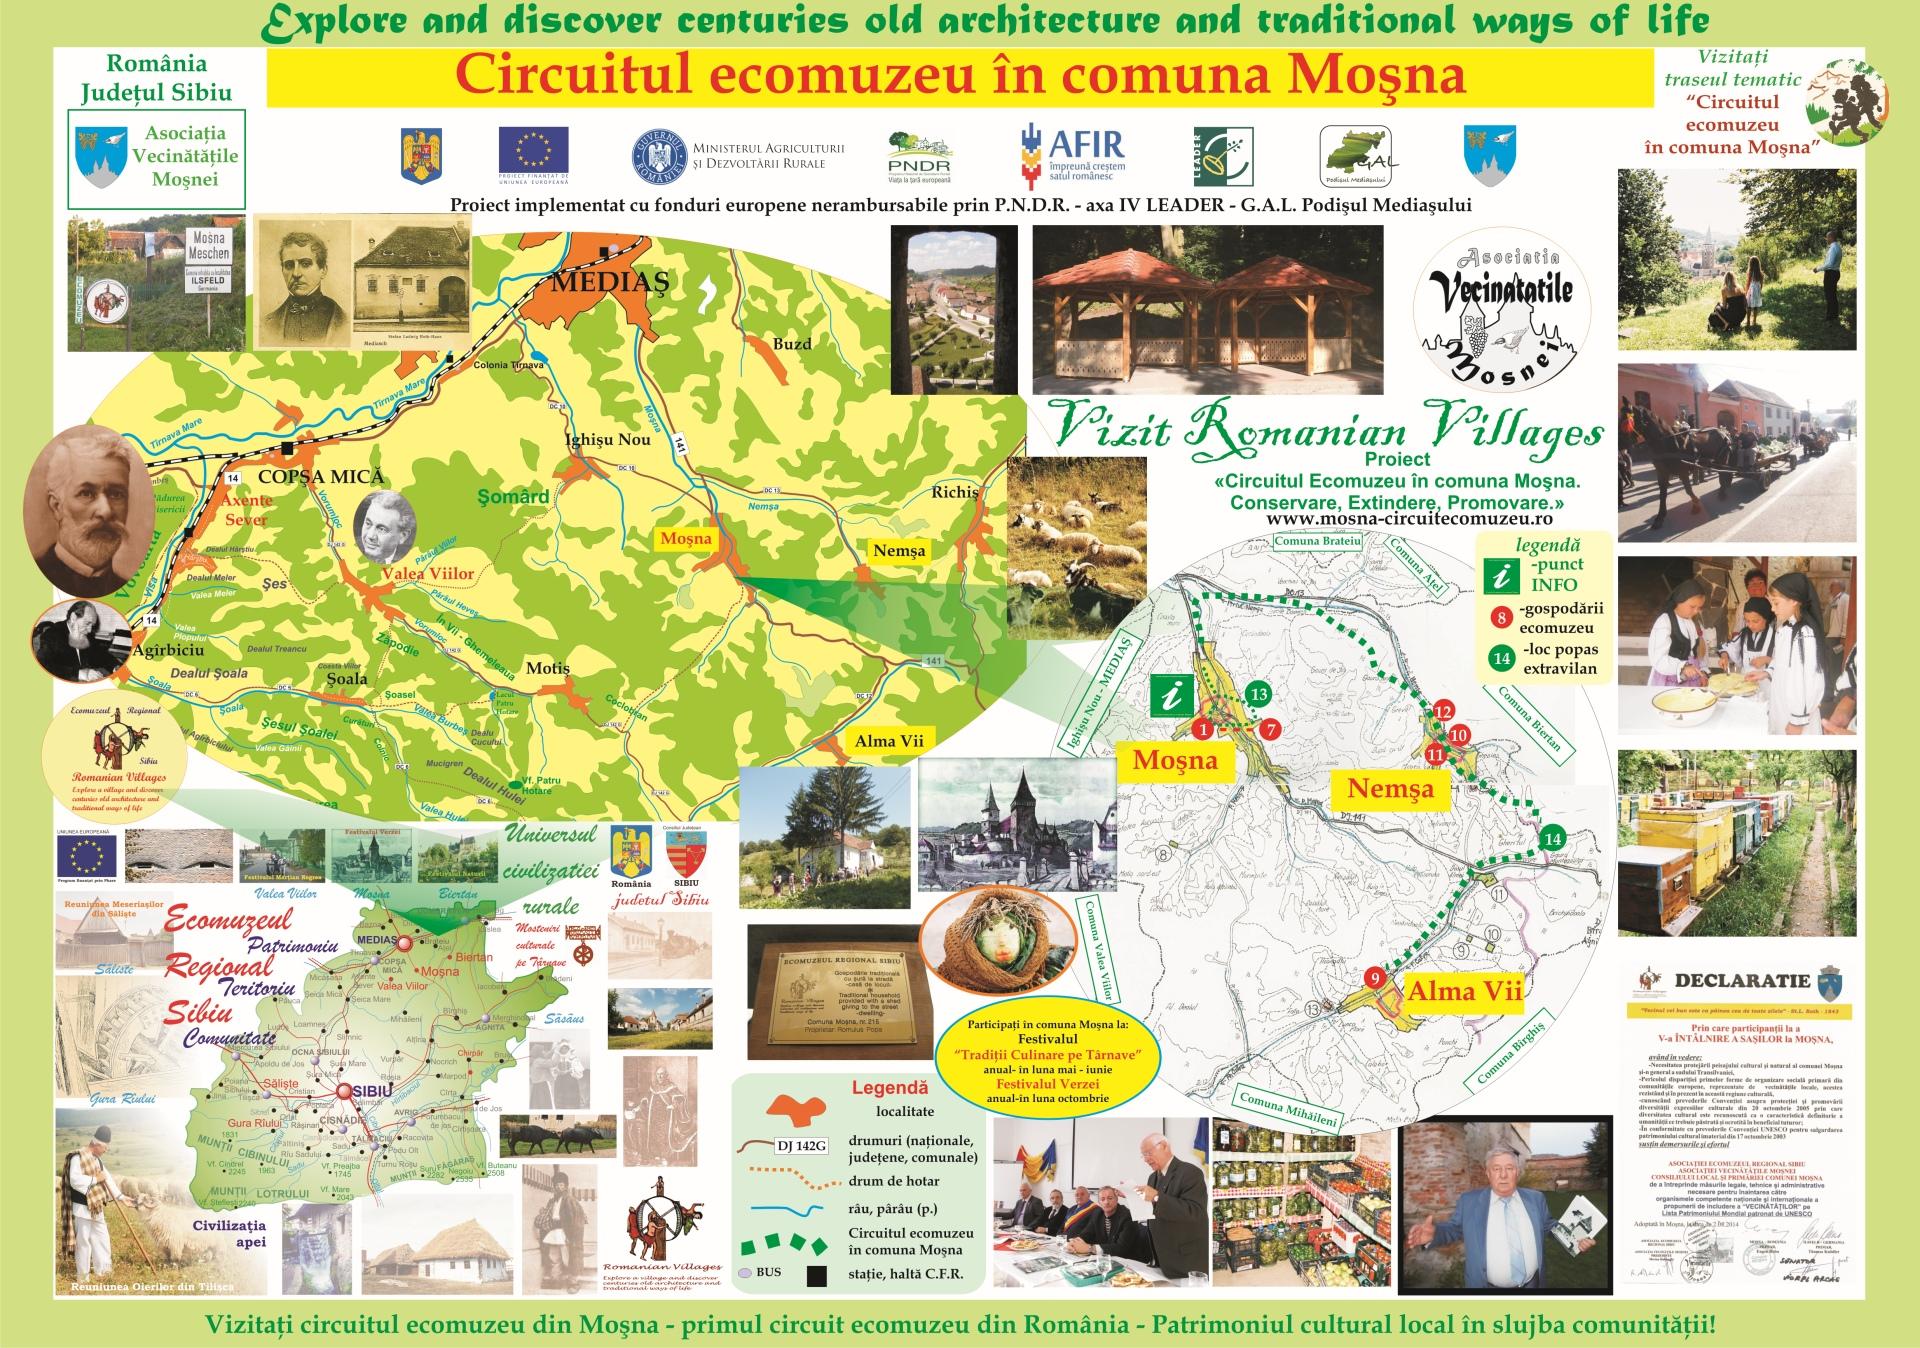 Harta zona Mosna aug 2015 2